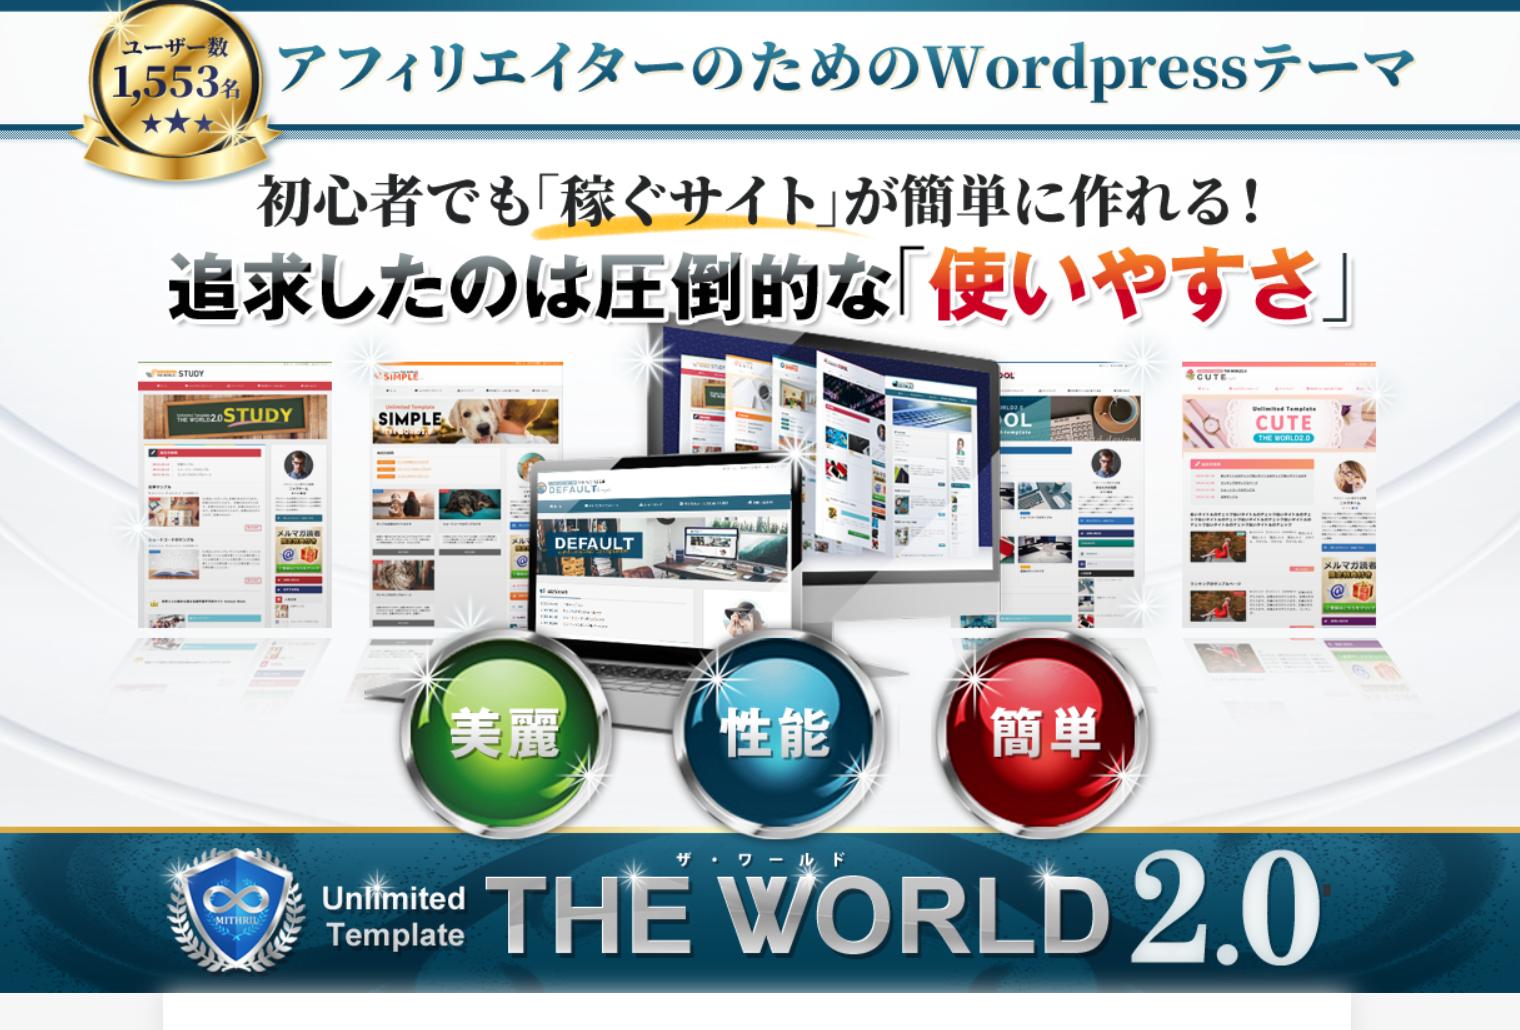 アダルトサイト可!ワードプレステーマTHE WORLD2.0